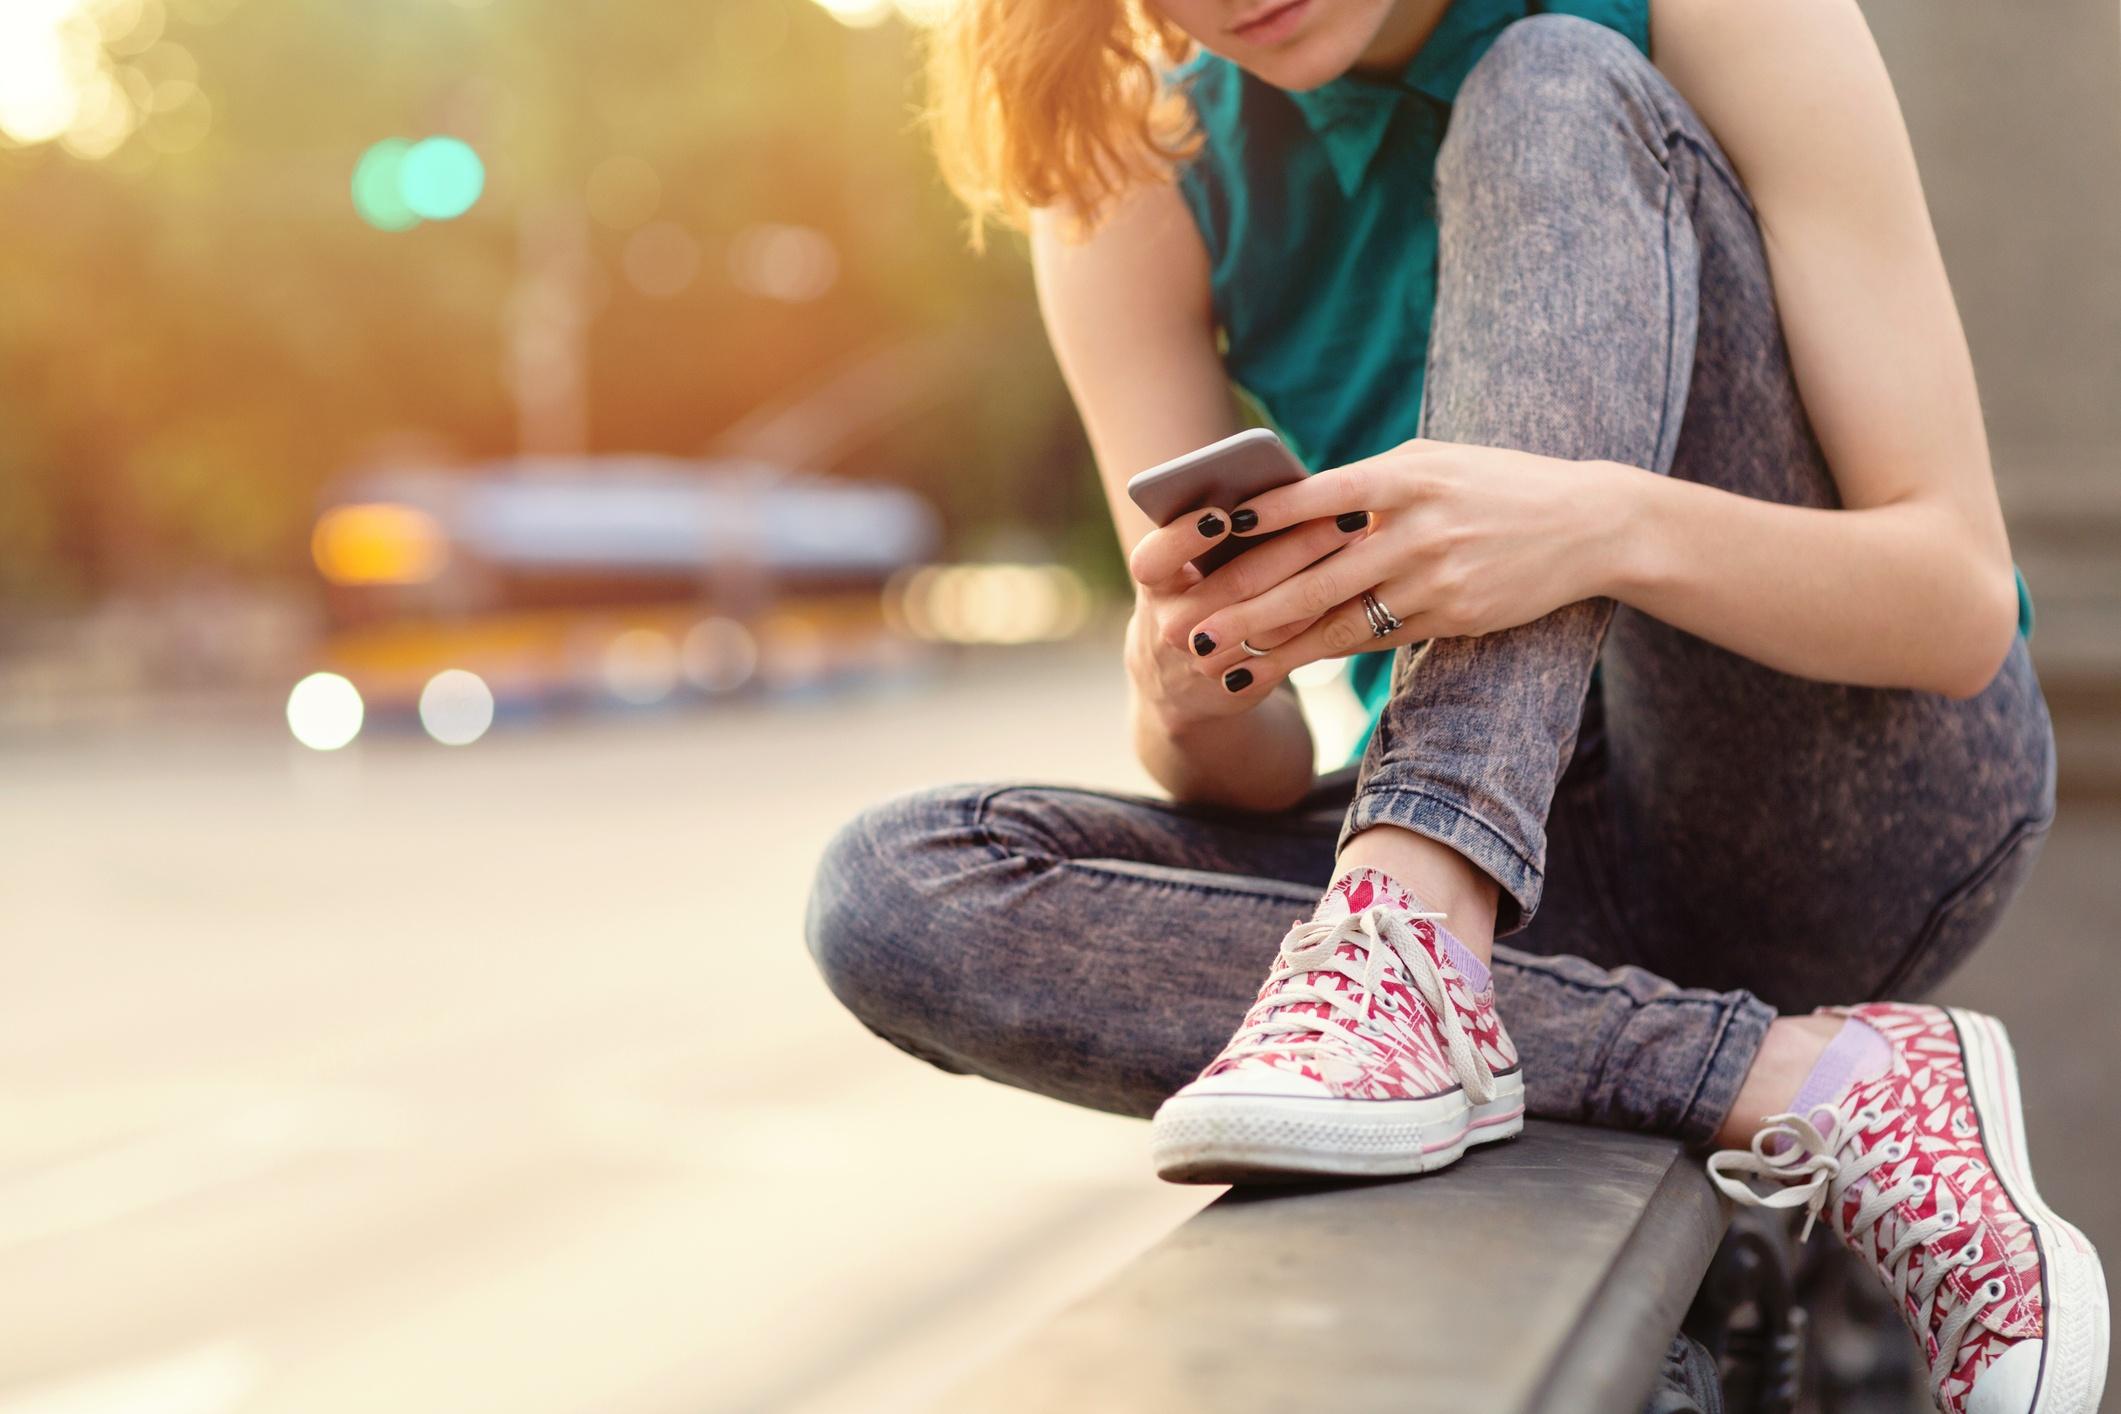 Understanding Is the Key to Teens' Erratic Behavior